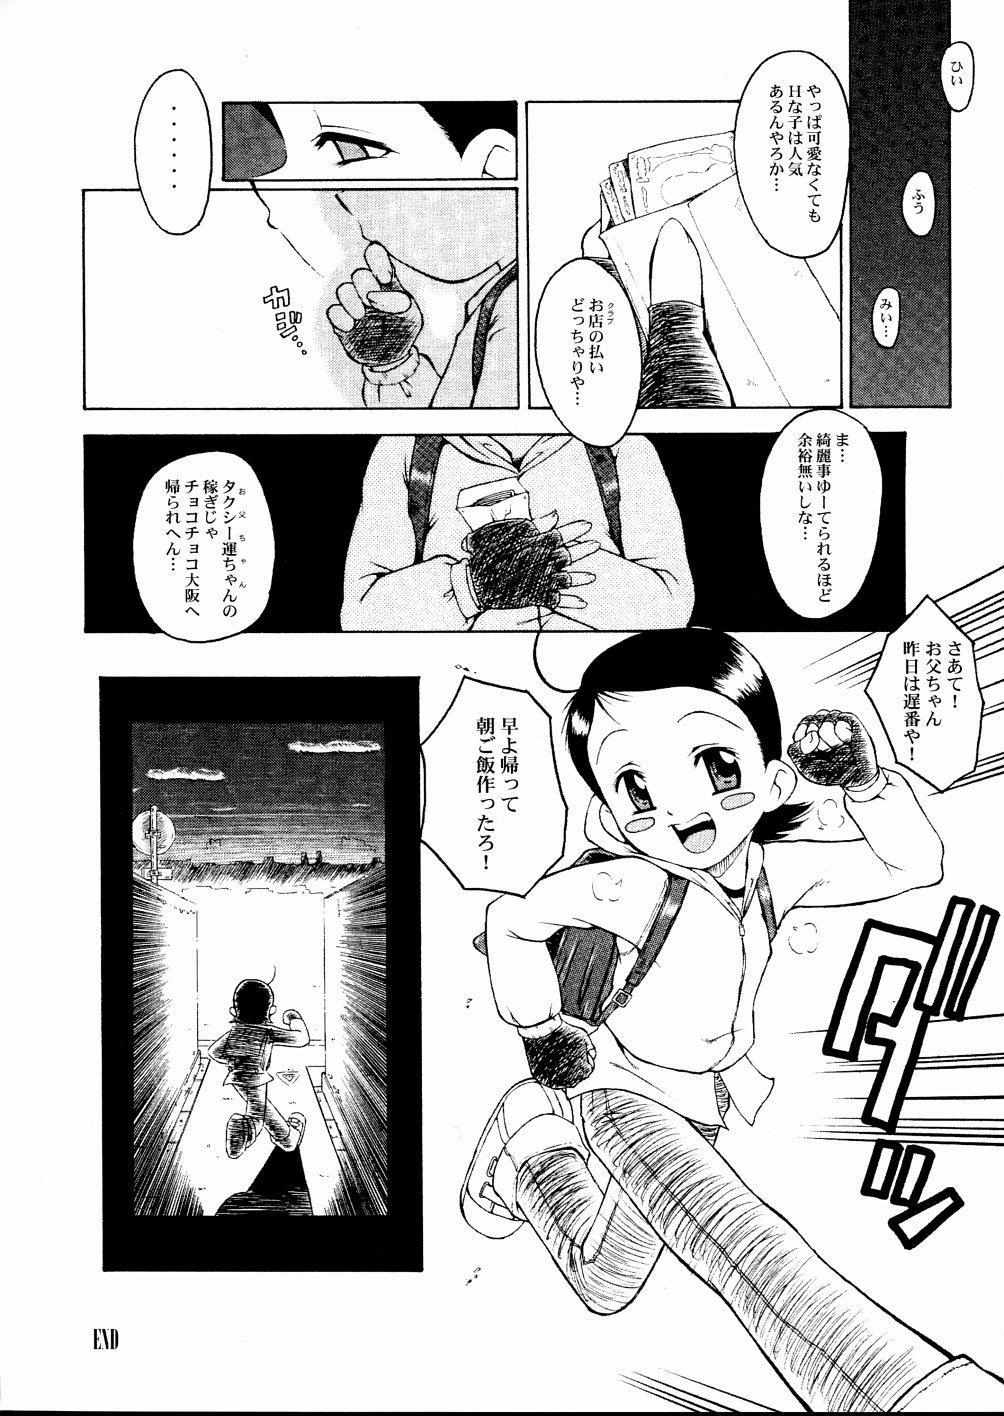 Urabambi Vol. 20 - Adesugata Naniwa Musume 11